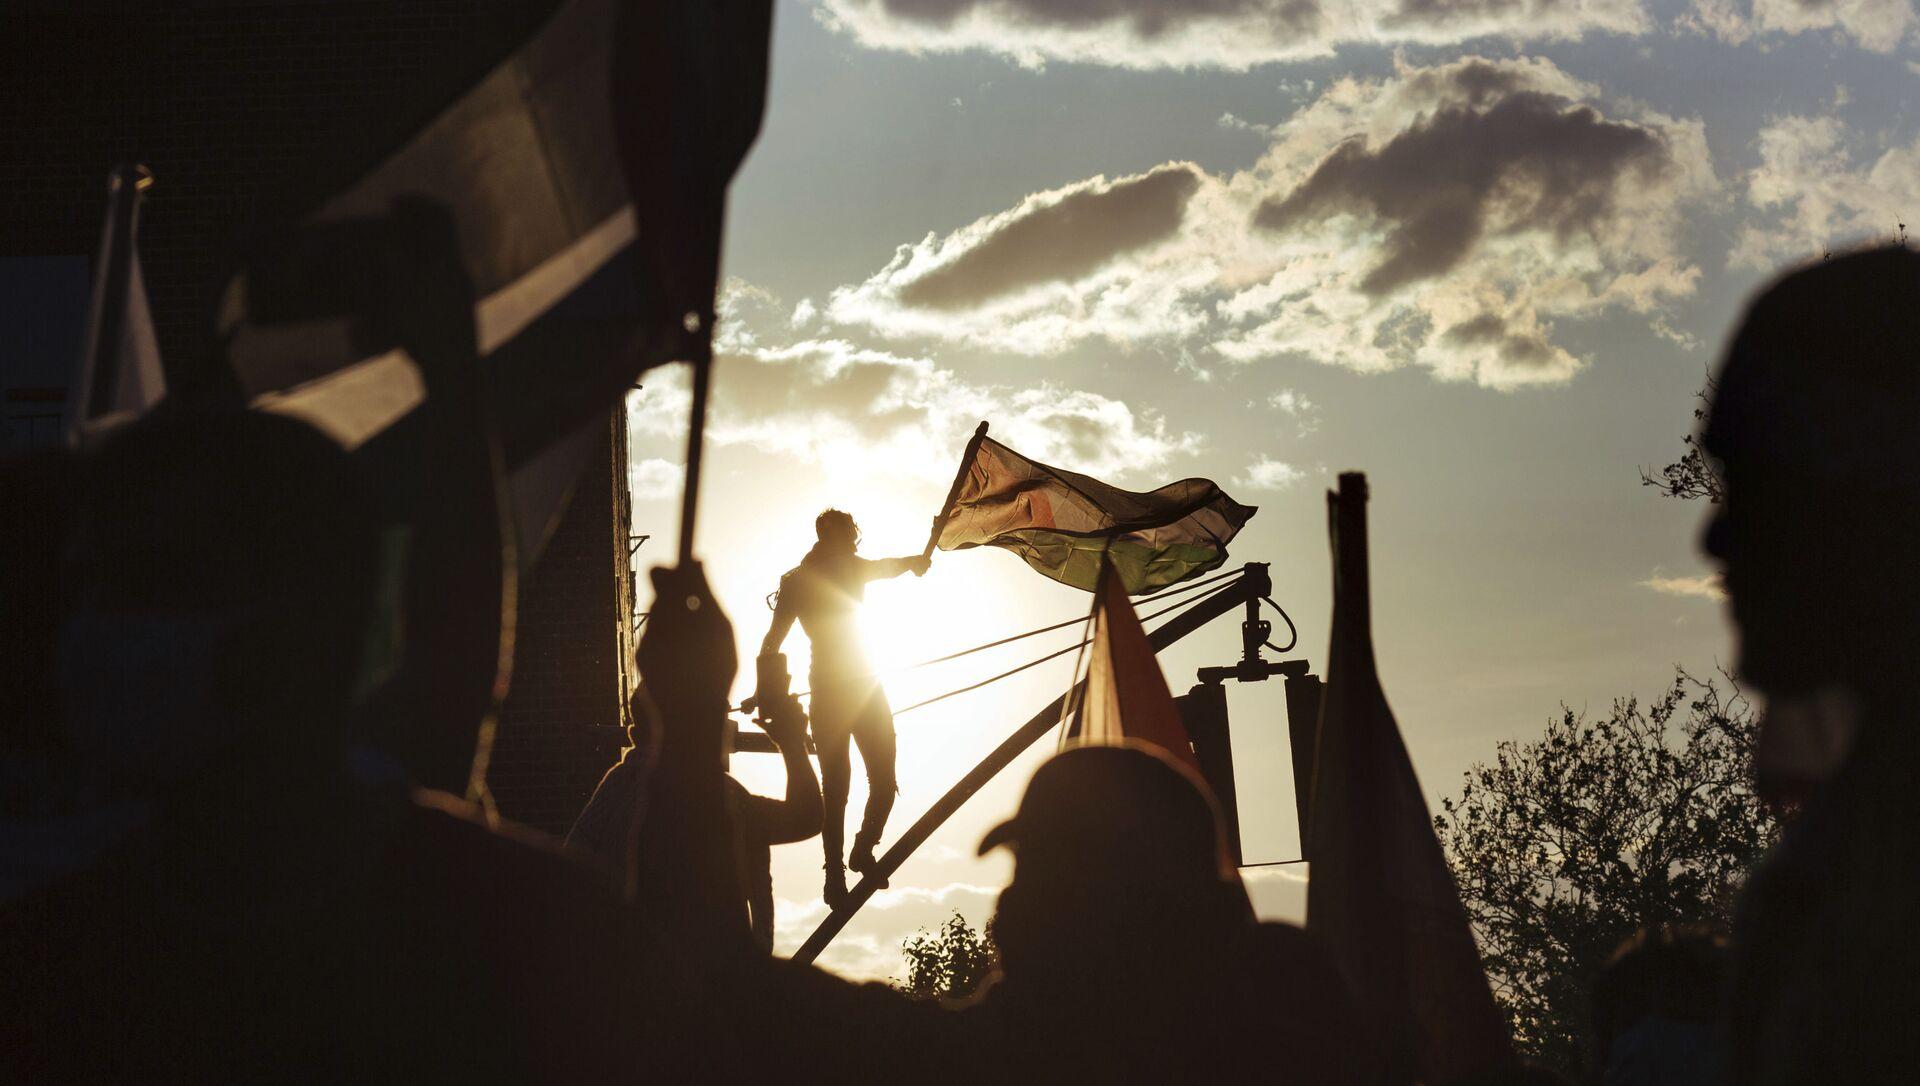 Dünyada Filistin'i destekleyen protesto gösterileri - Sputnik Türkiye, 1920, 05.08.2021